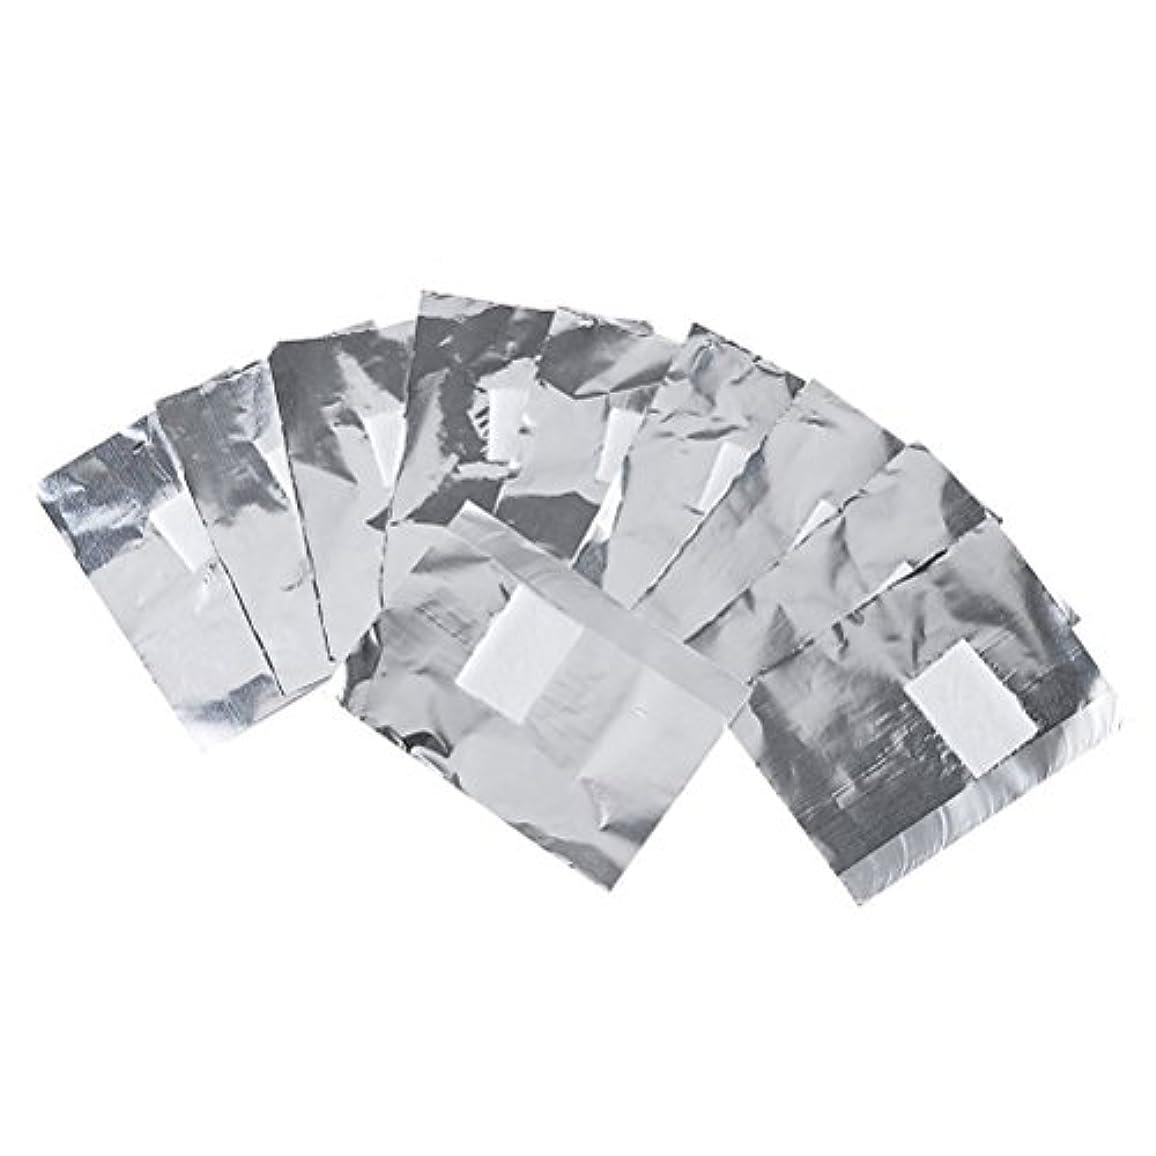 ベリーイソギンチャクもう一度Frcolor ネイルオフ ジェルオフリムーバー アクリルUVジェル ネイルポリッシュをきれいにオフする ジェル 使い捨て コットン付きアルミホイル ネイル用品 キューティクル 200枚